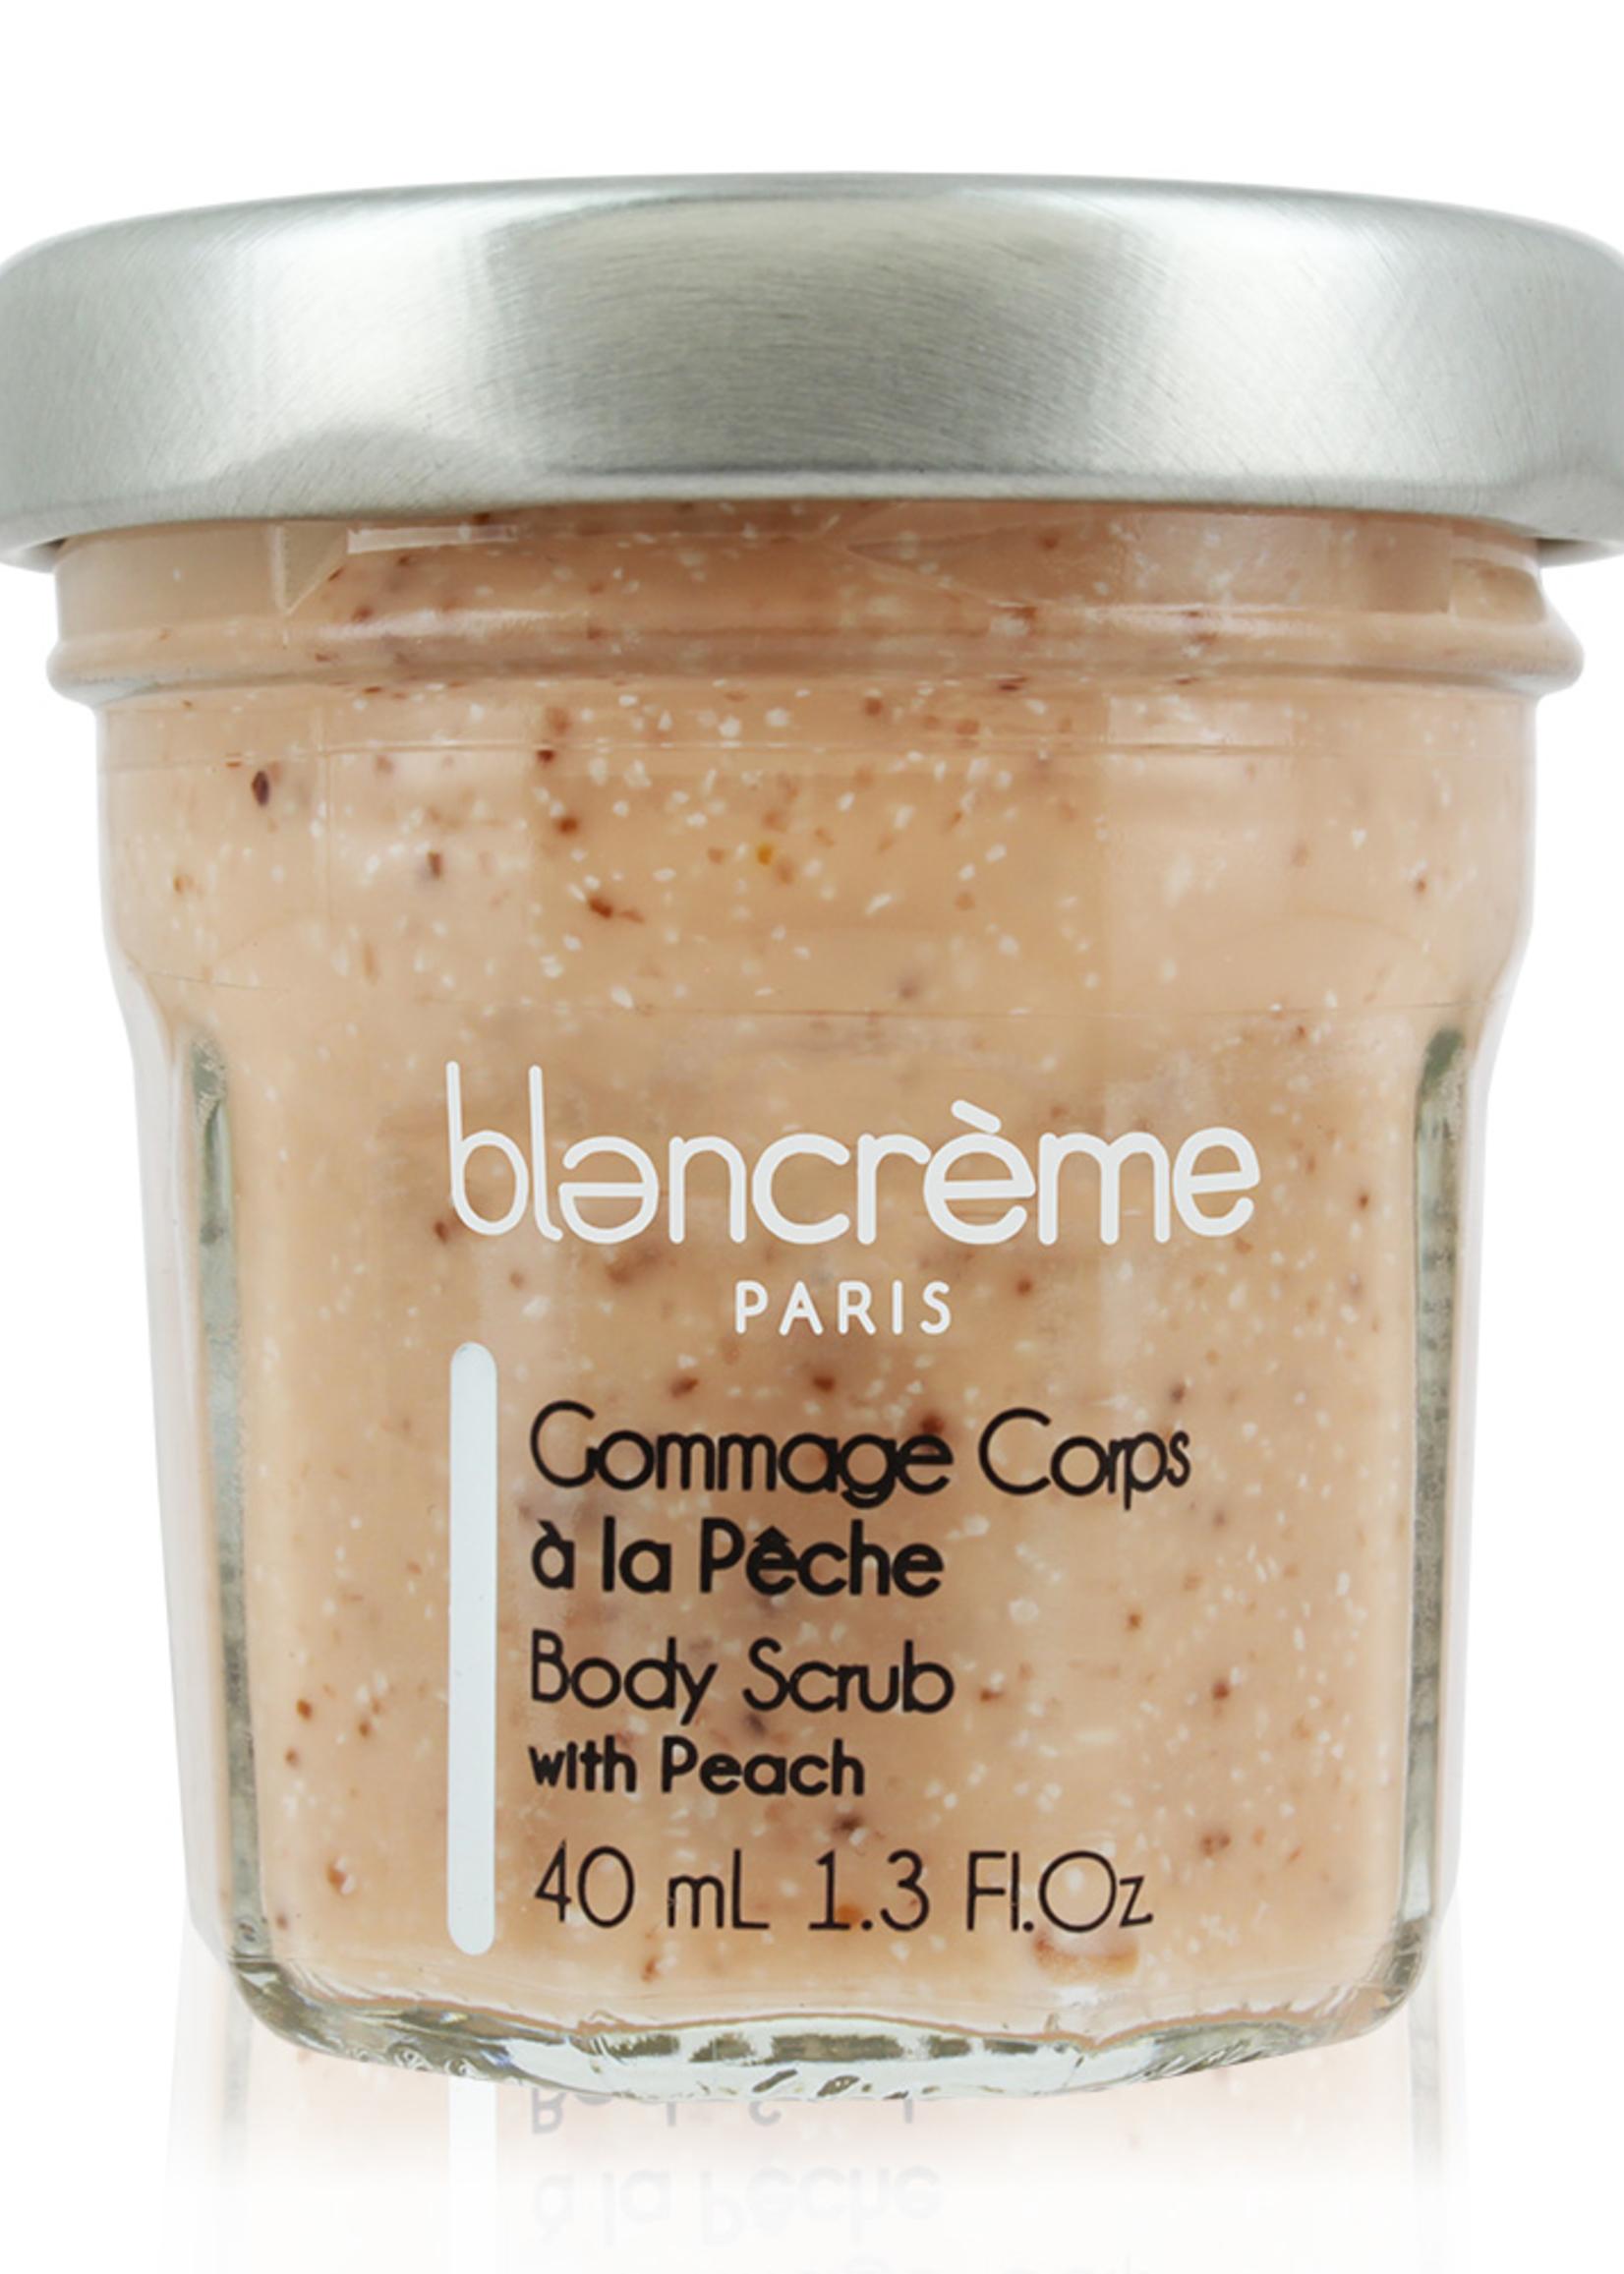 blancreme paris Peach Body Scrub - 1.3 oz